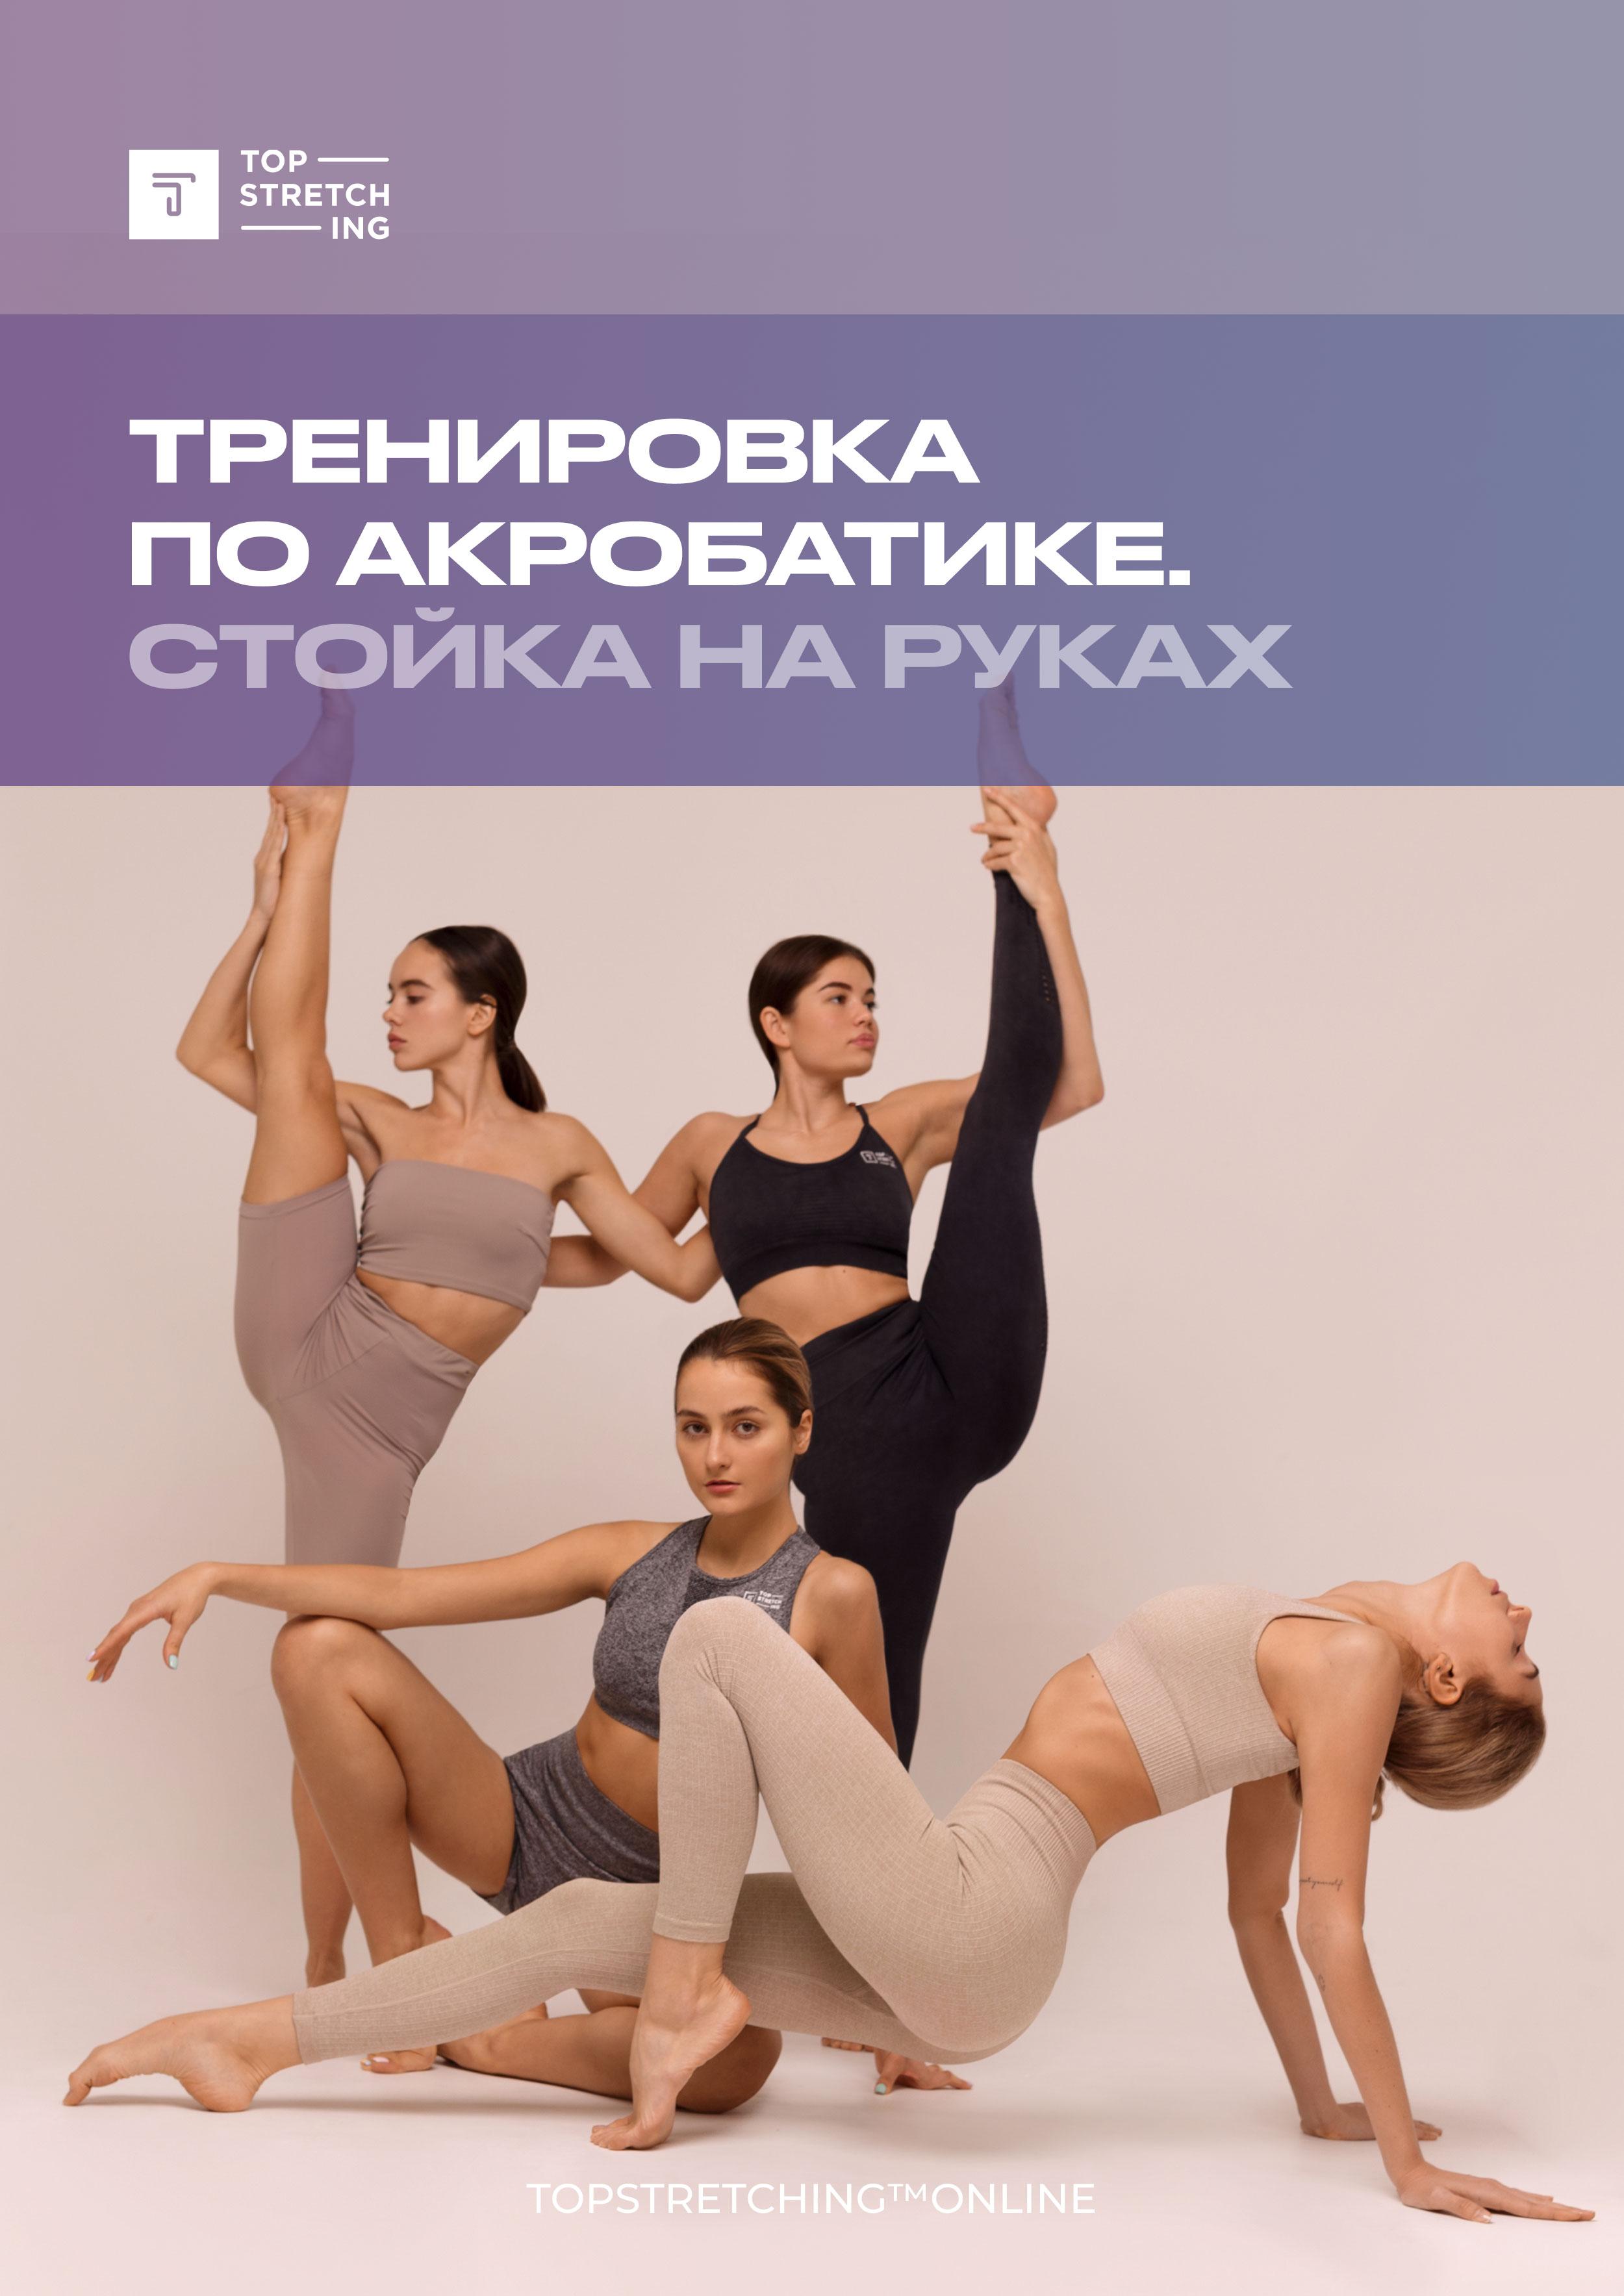 Тренировка по акробатике. Стойка на руках